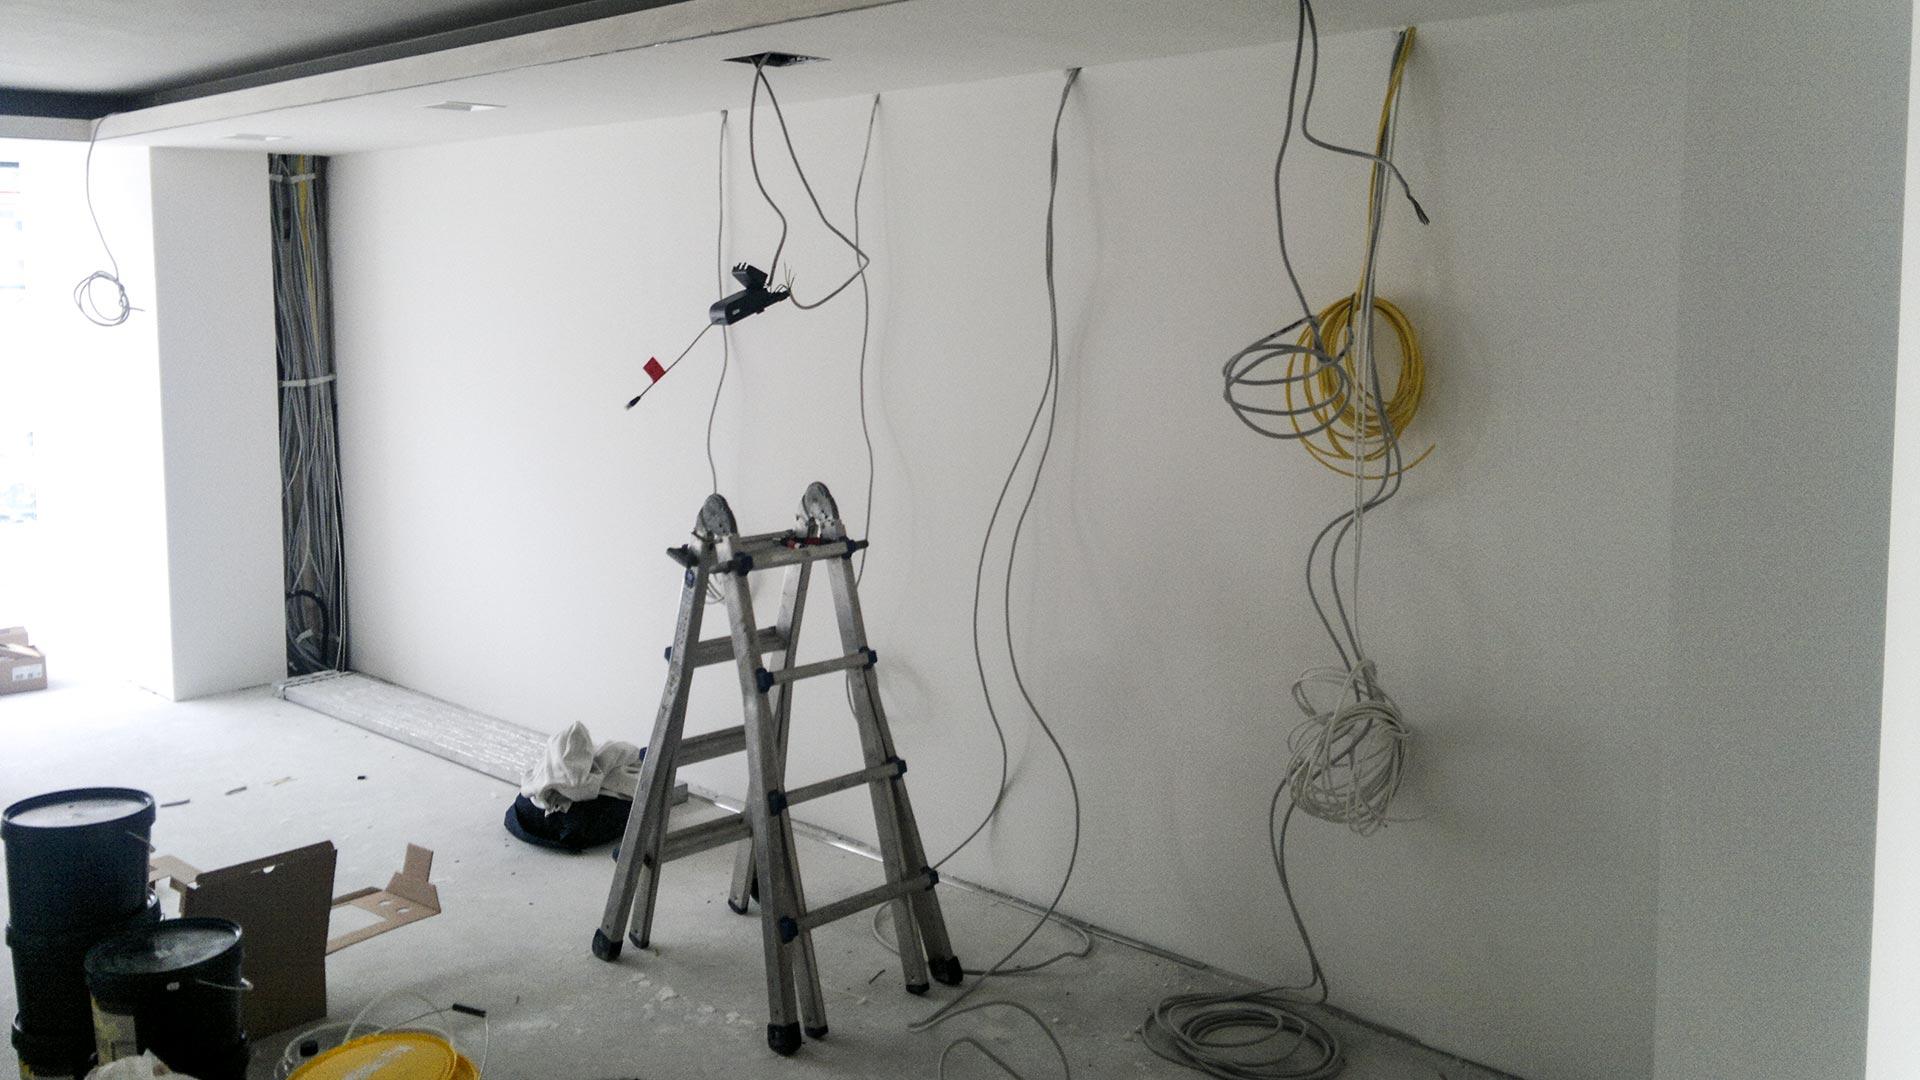 Am Anfang jedes Ausbauprojekts steht ein Raum, der gestaltet werden will